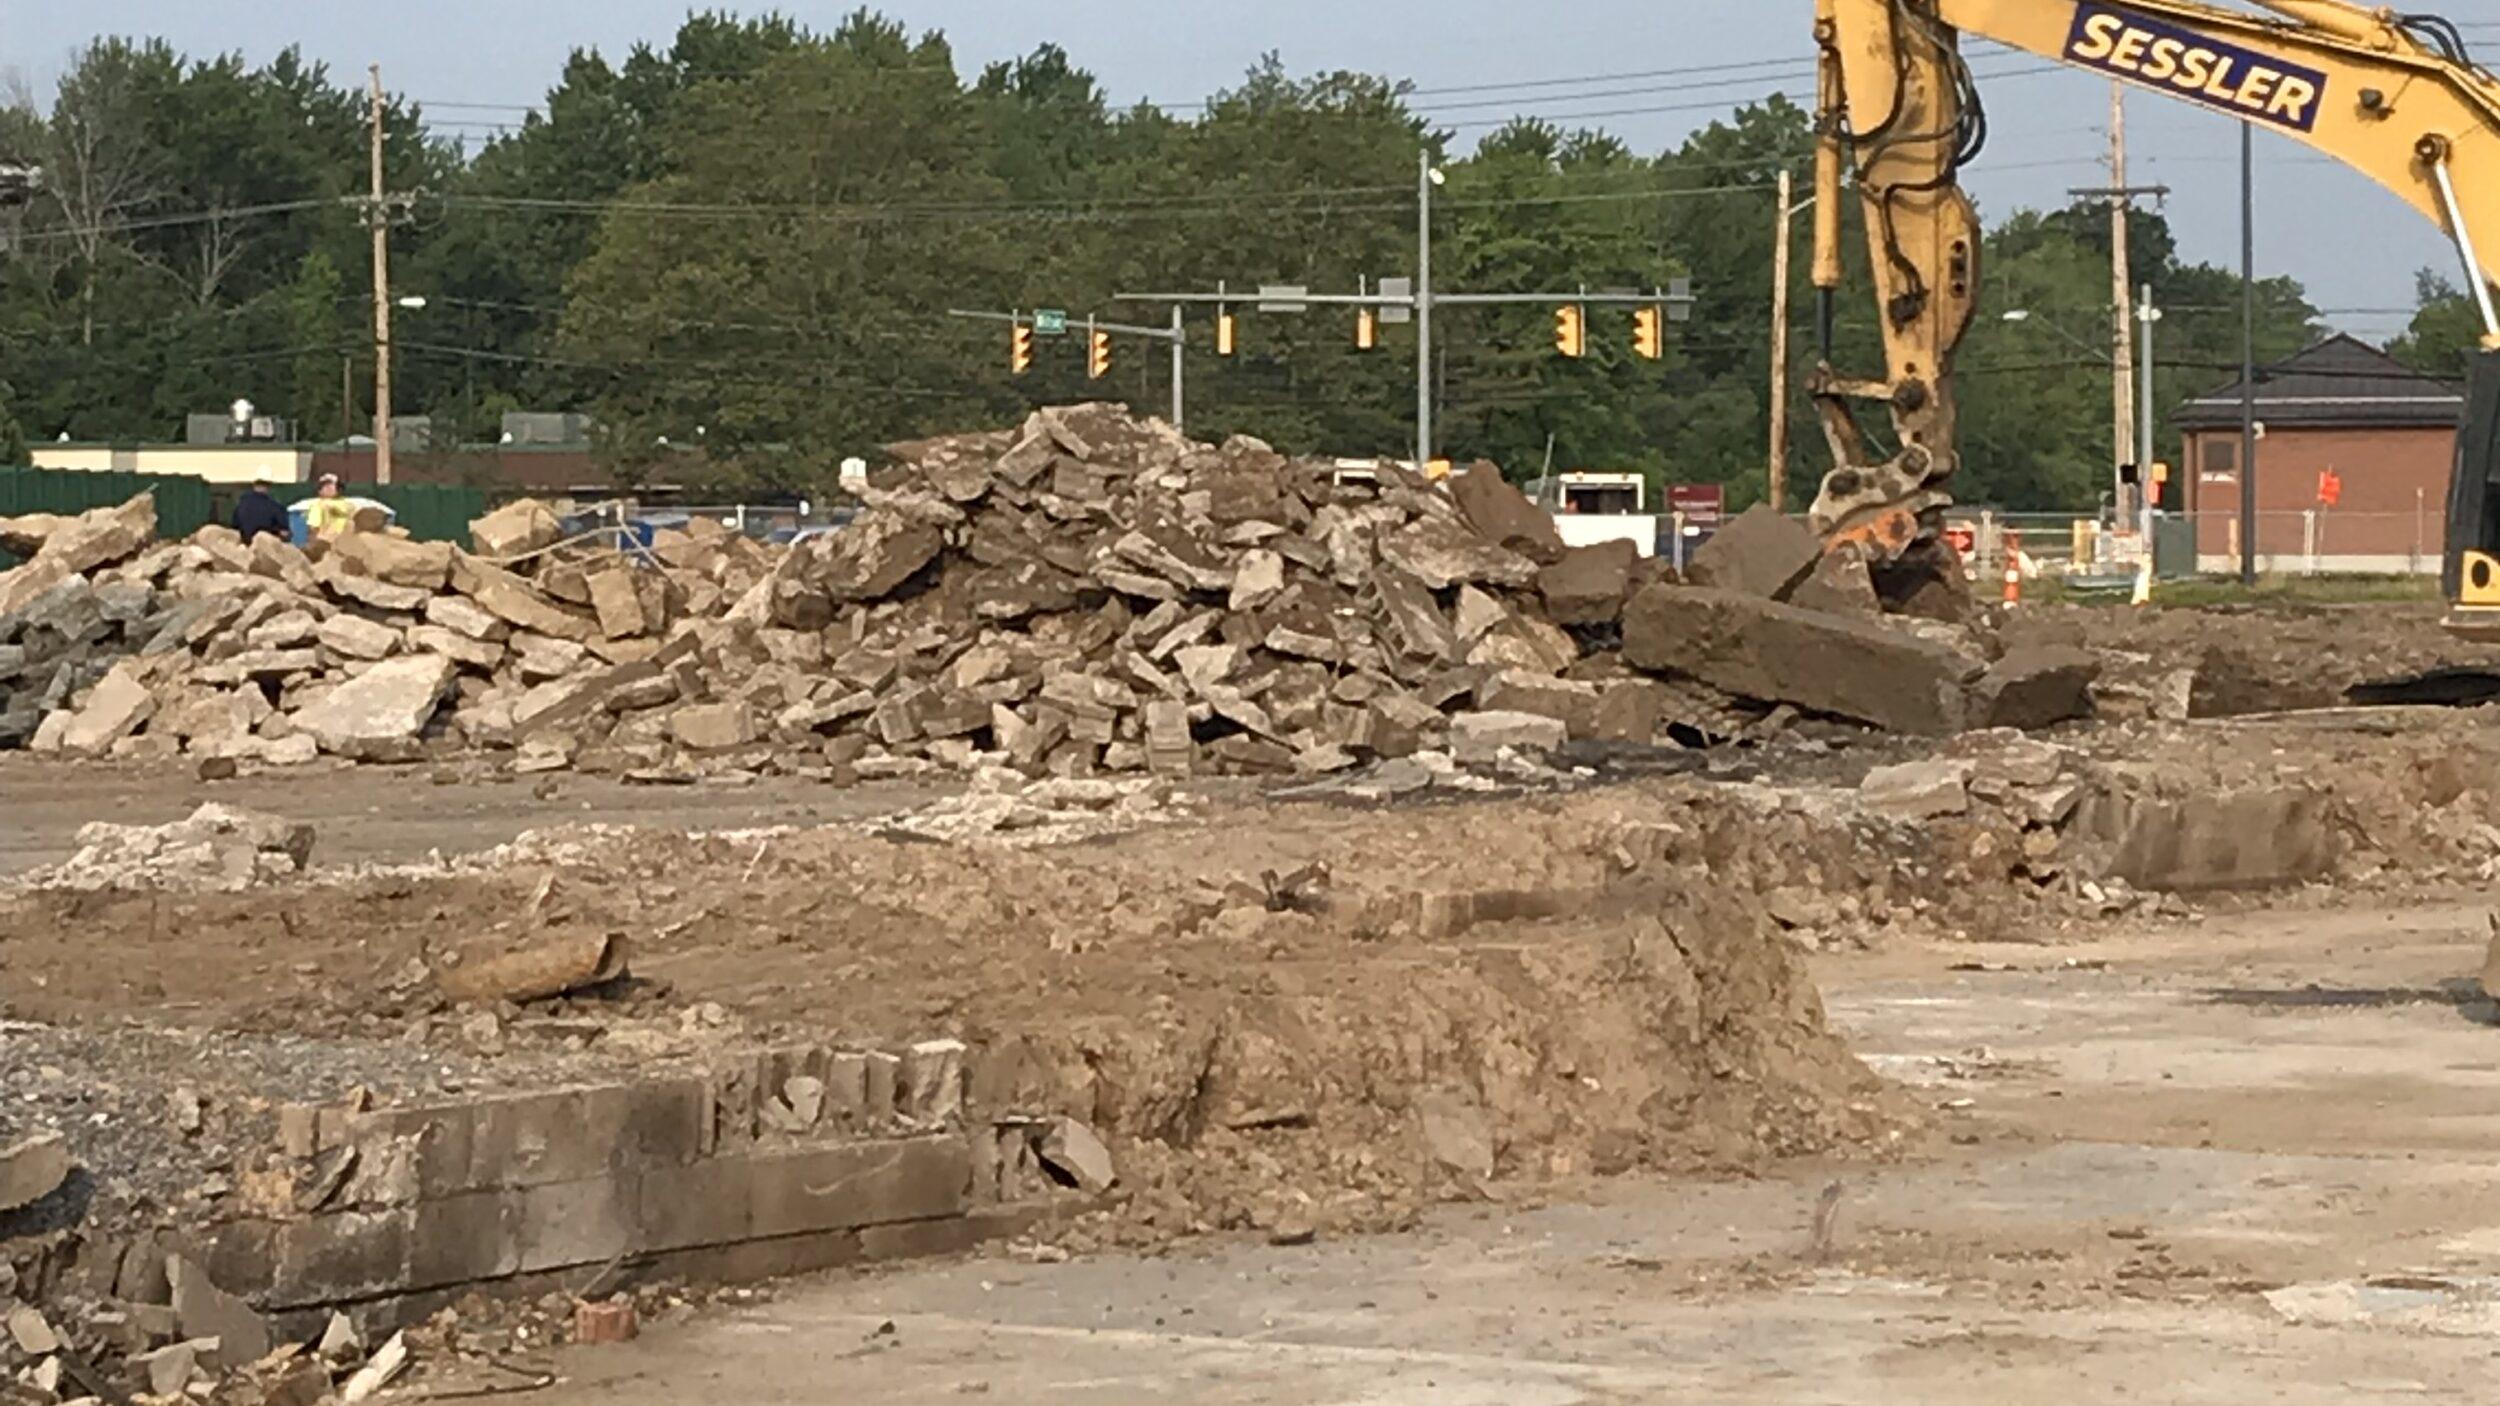 Excavator moving debris